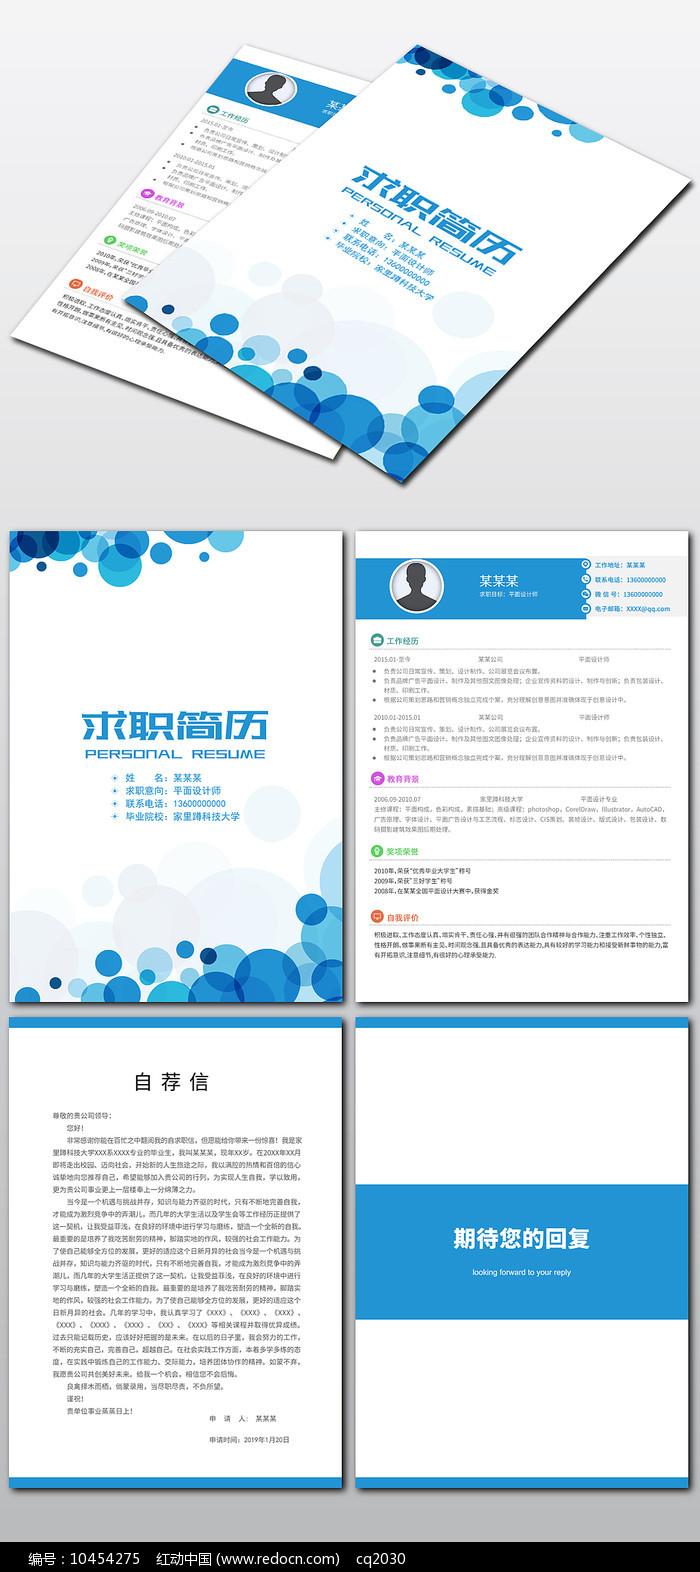 蓝色个性圆圈个人求职简历封面设计图片